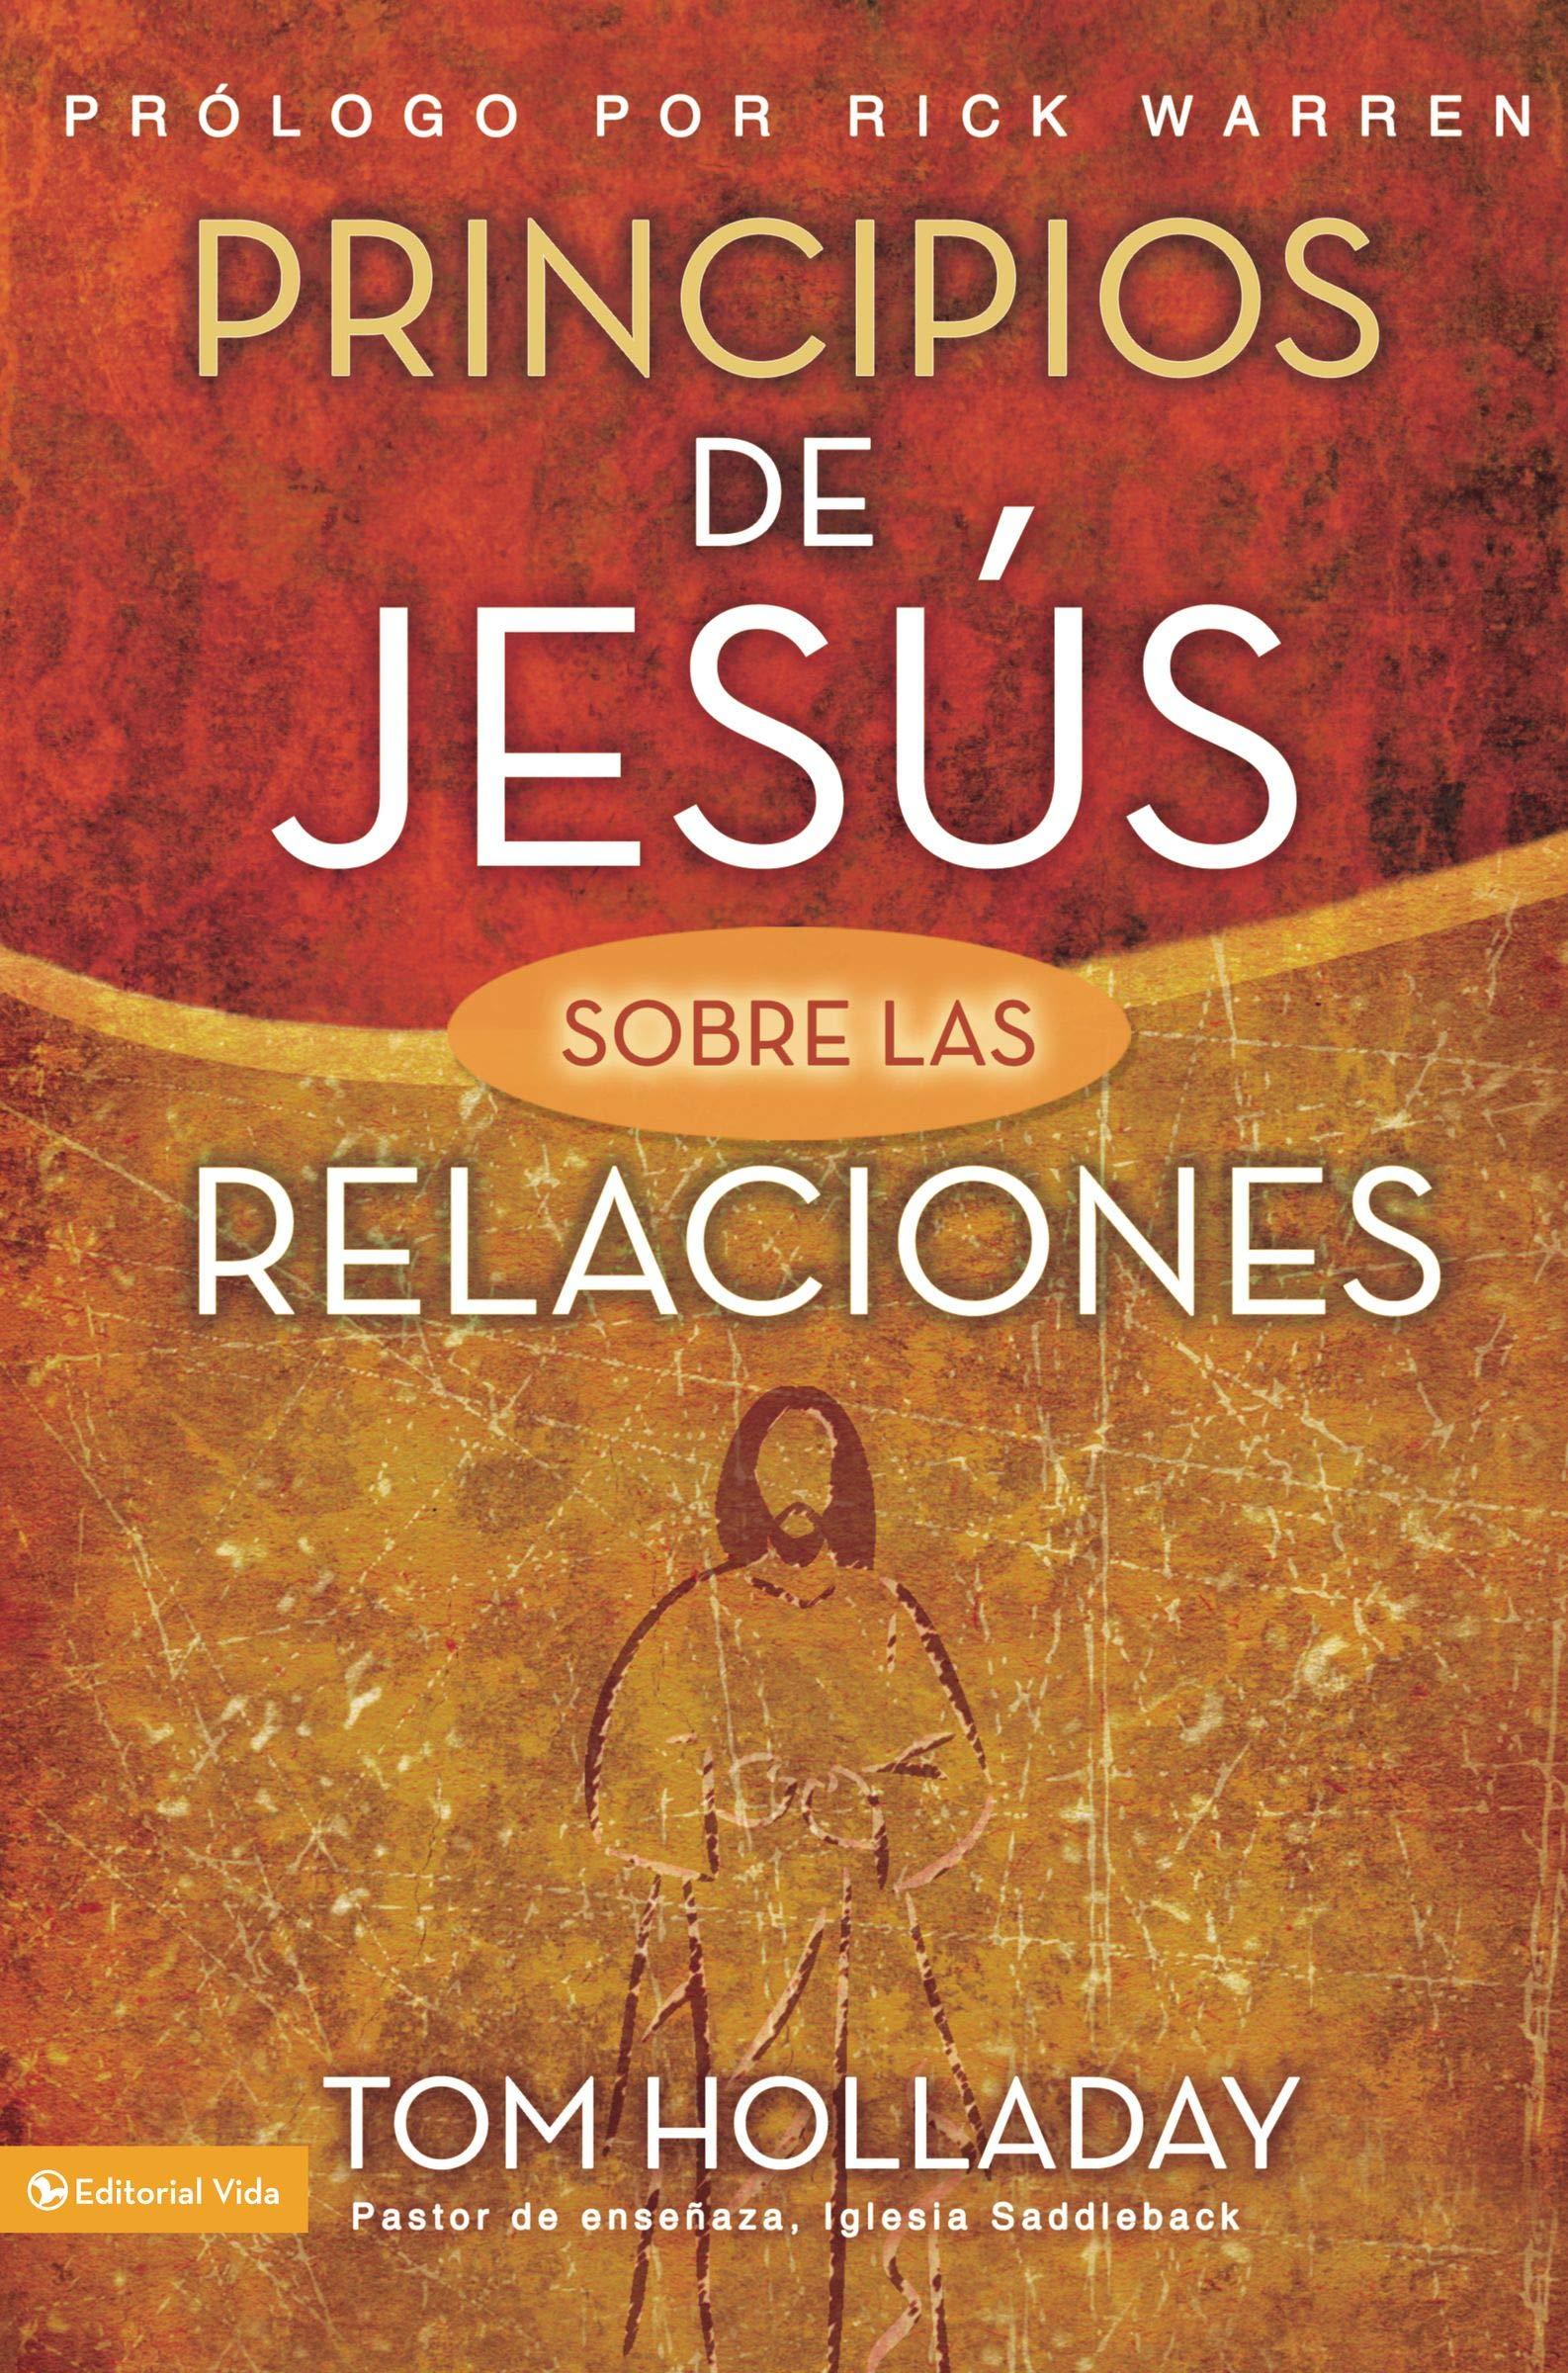 Principios de Jesus Sobre las Relaciones=The Relationship Principles of Jesus: Amazon.es: Holladay, Tom: Libros